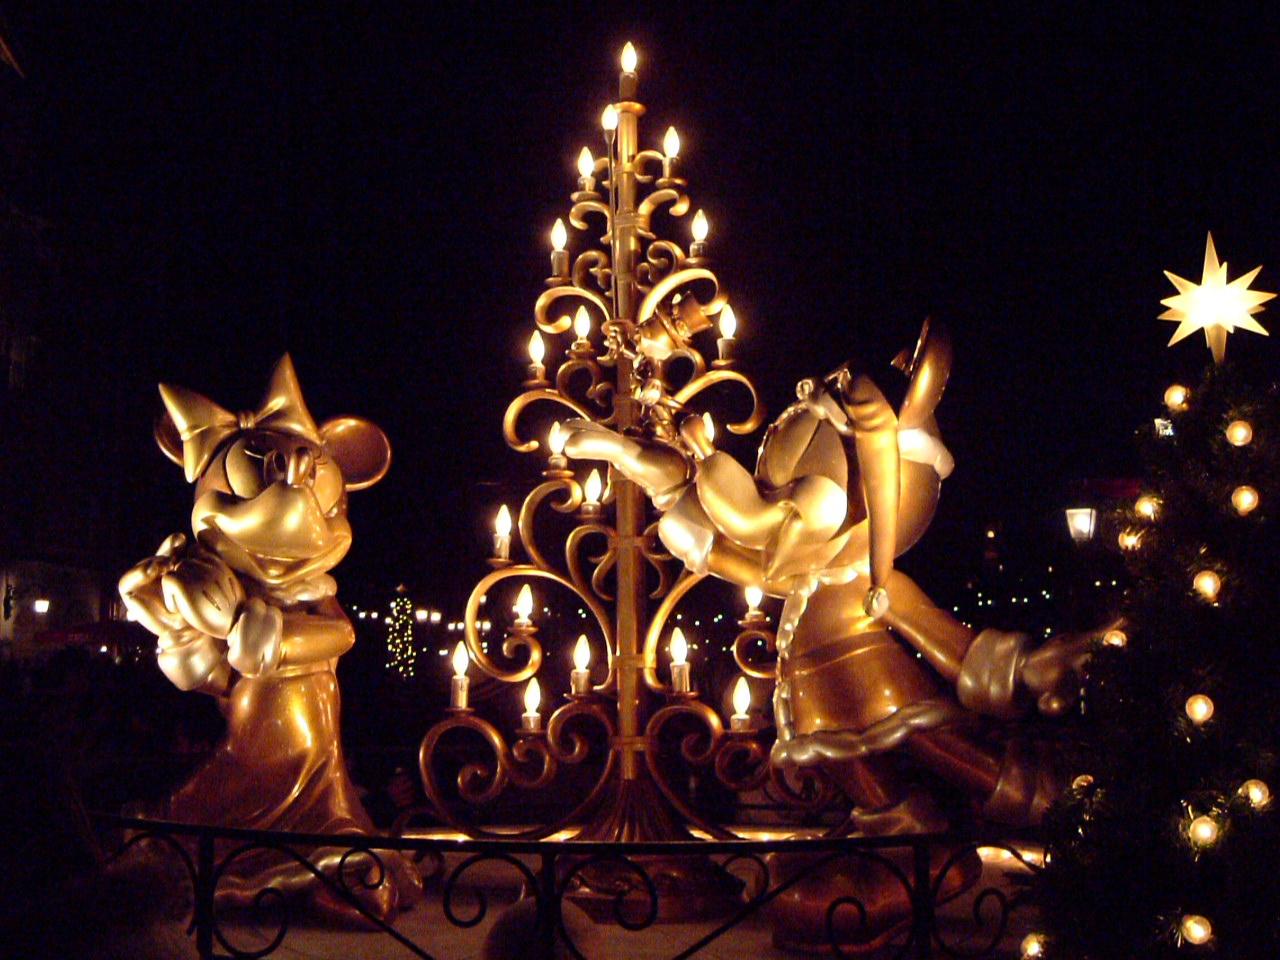 東京ディズニーシーのクリスマス』東京ディズニーリゾート(千葉県)の旅行